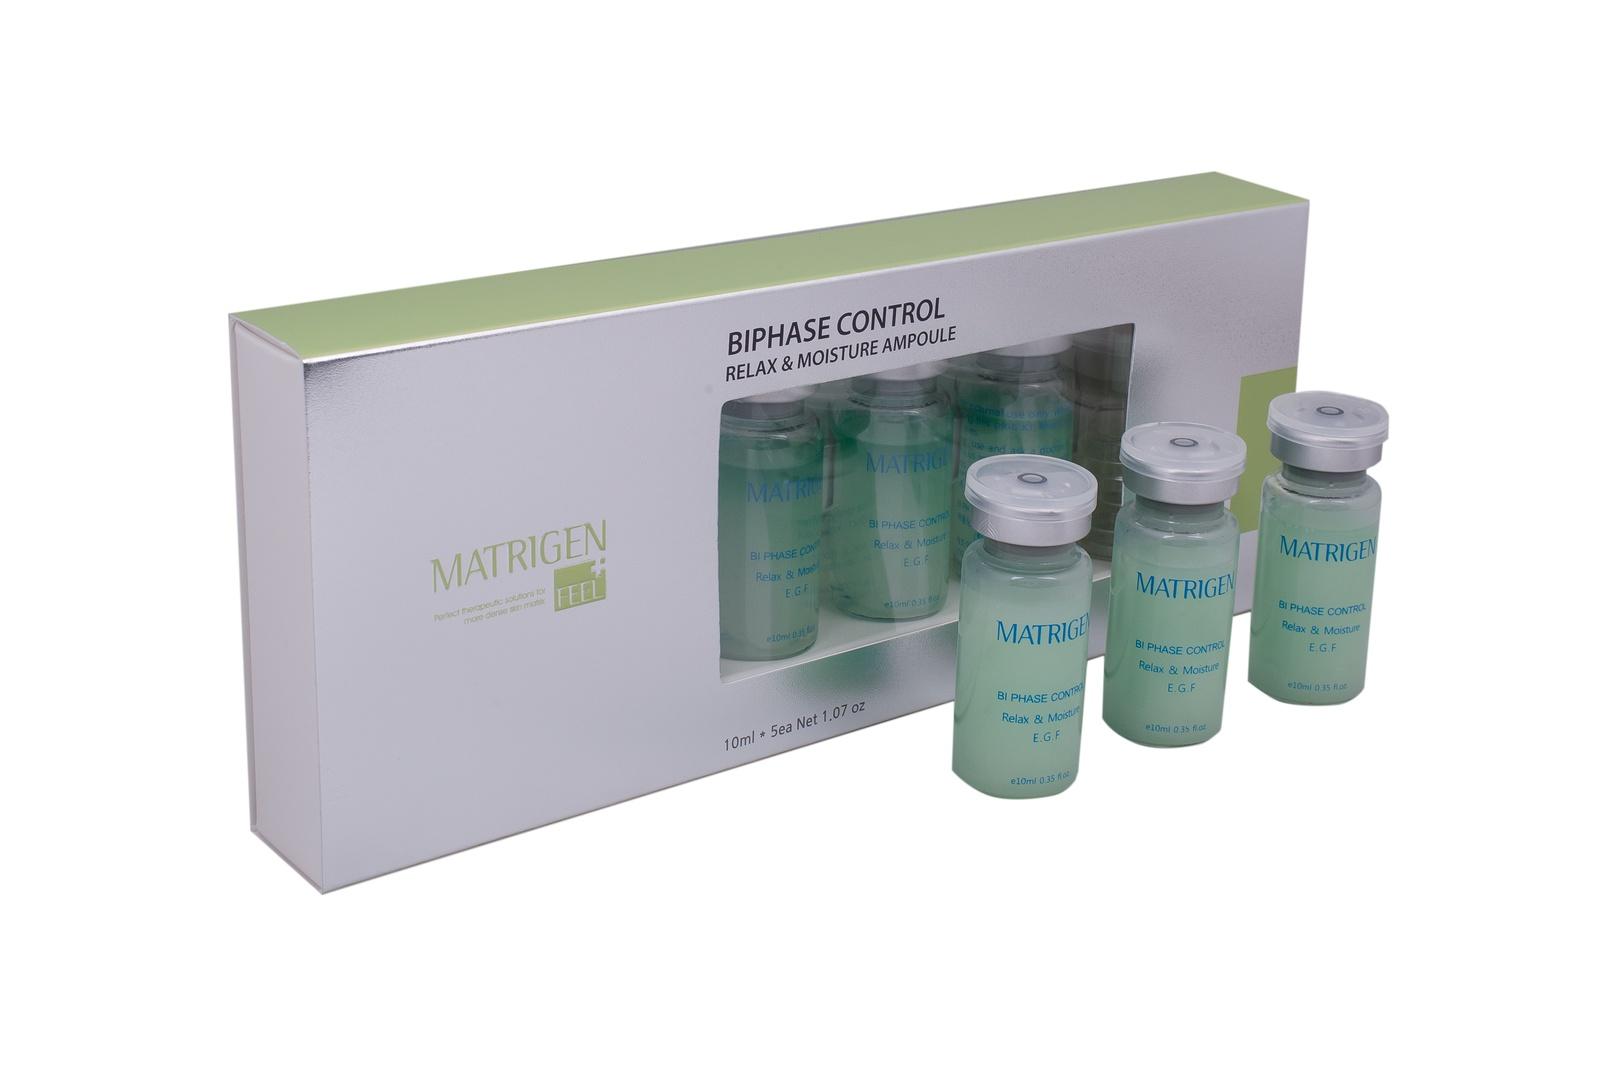 Сыворотка для лица Matrigen Biphase Control Relax and Moisture E G F Ampoule Двухфазная сыворотка Антистресс и увлажнение